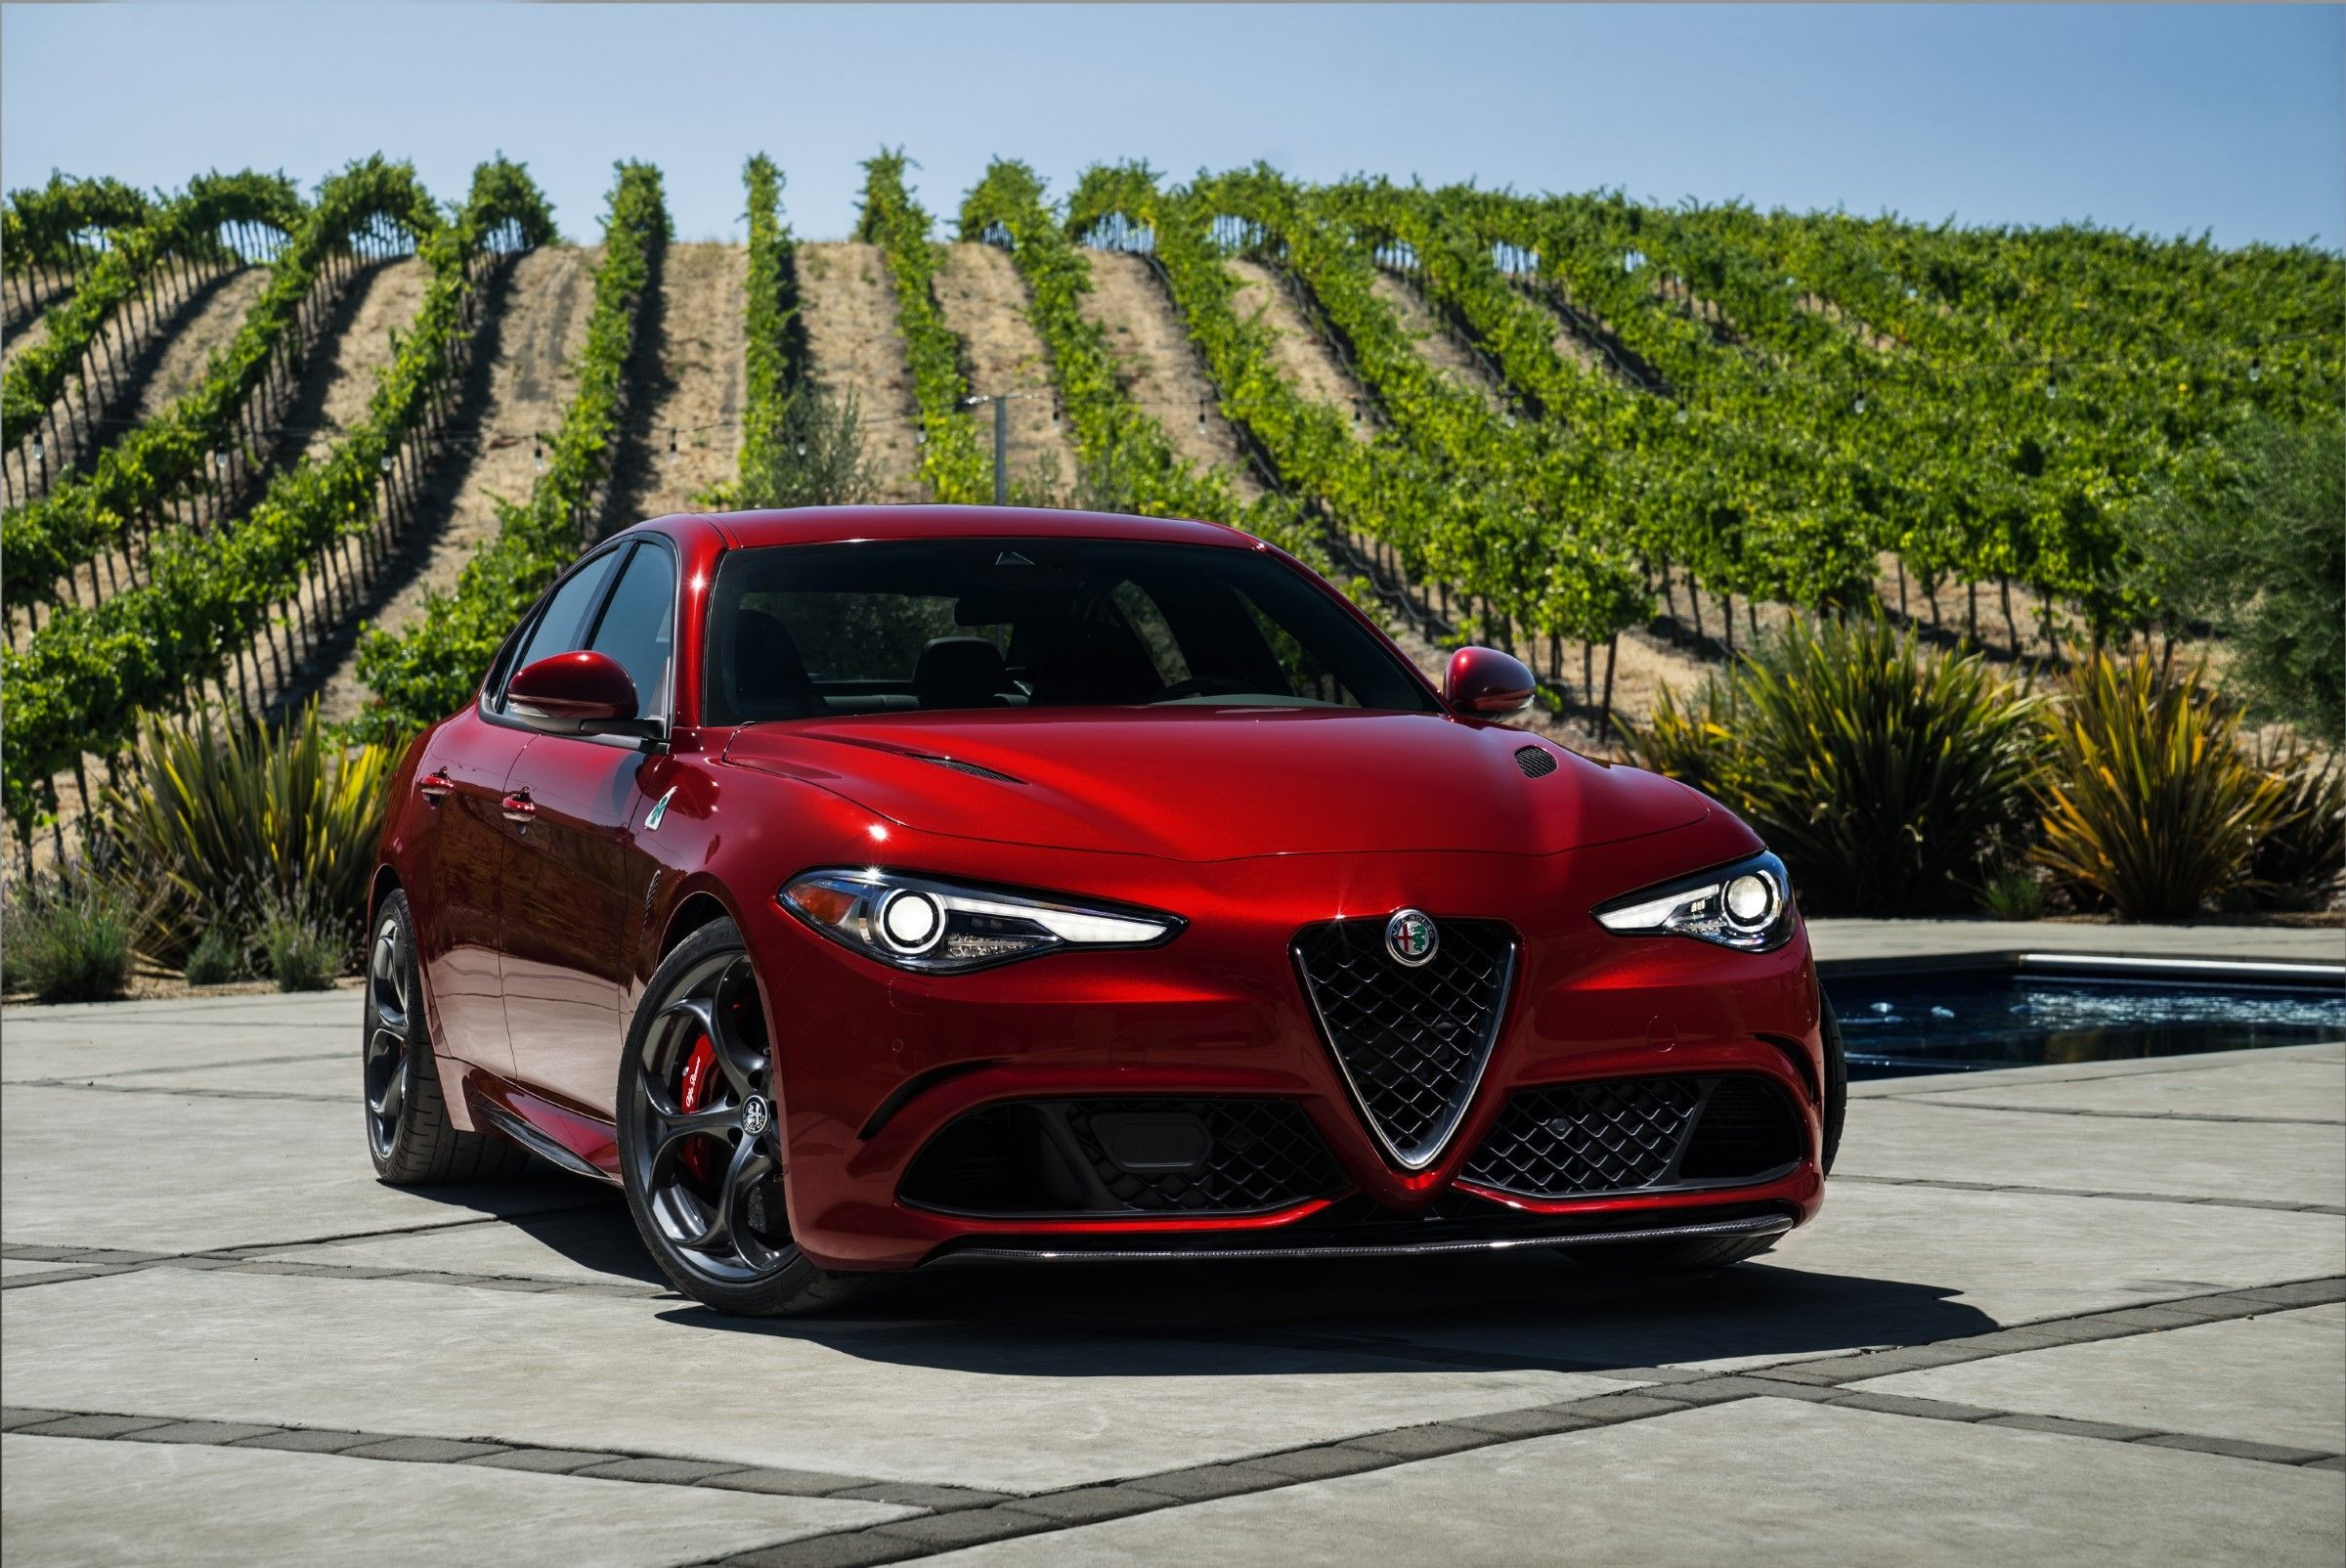 2017 Alfa Romeo Giulia Quadrifoglio Alfa Romeo Giulia Quadrifoglio Alfa Romeo Giulia Alfa Romeo